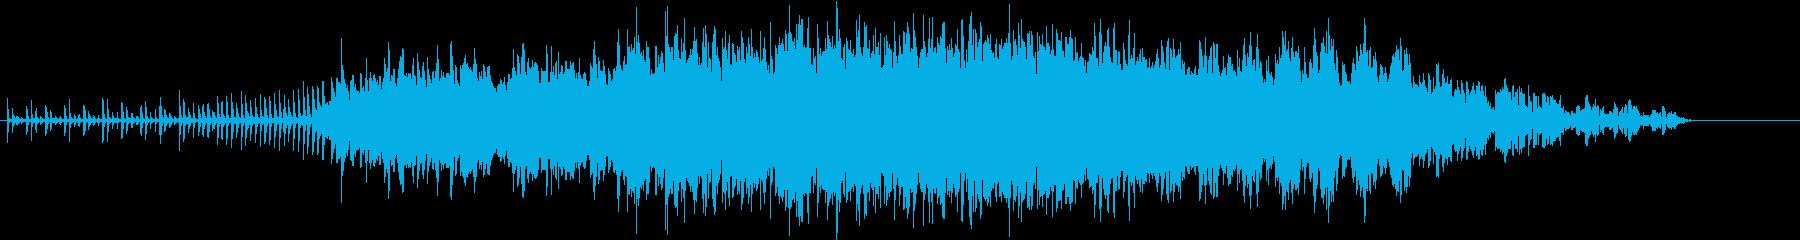 上昇感、ふわふわしたエレクトロニカの再生済みの波形